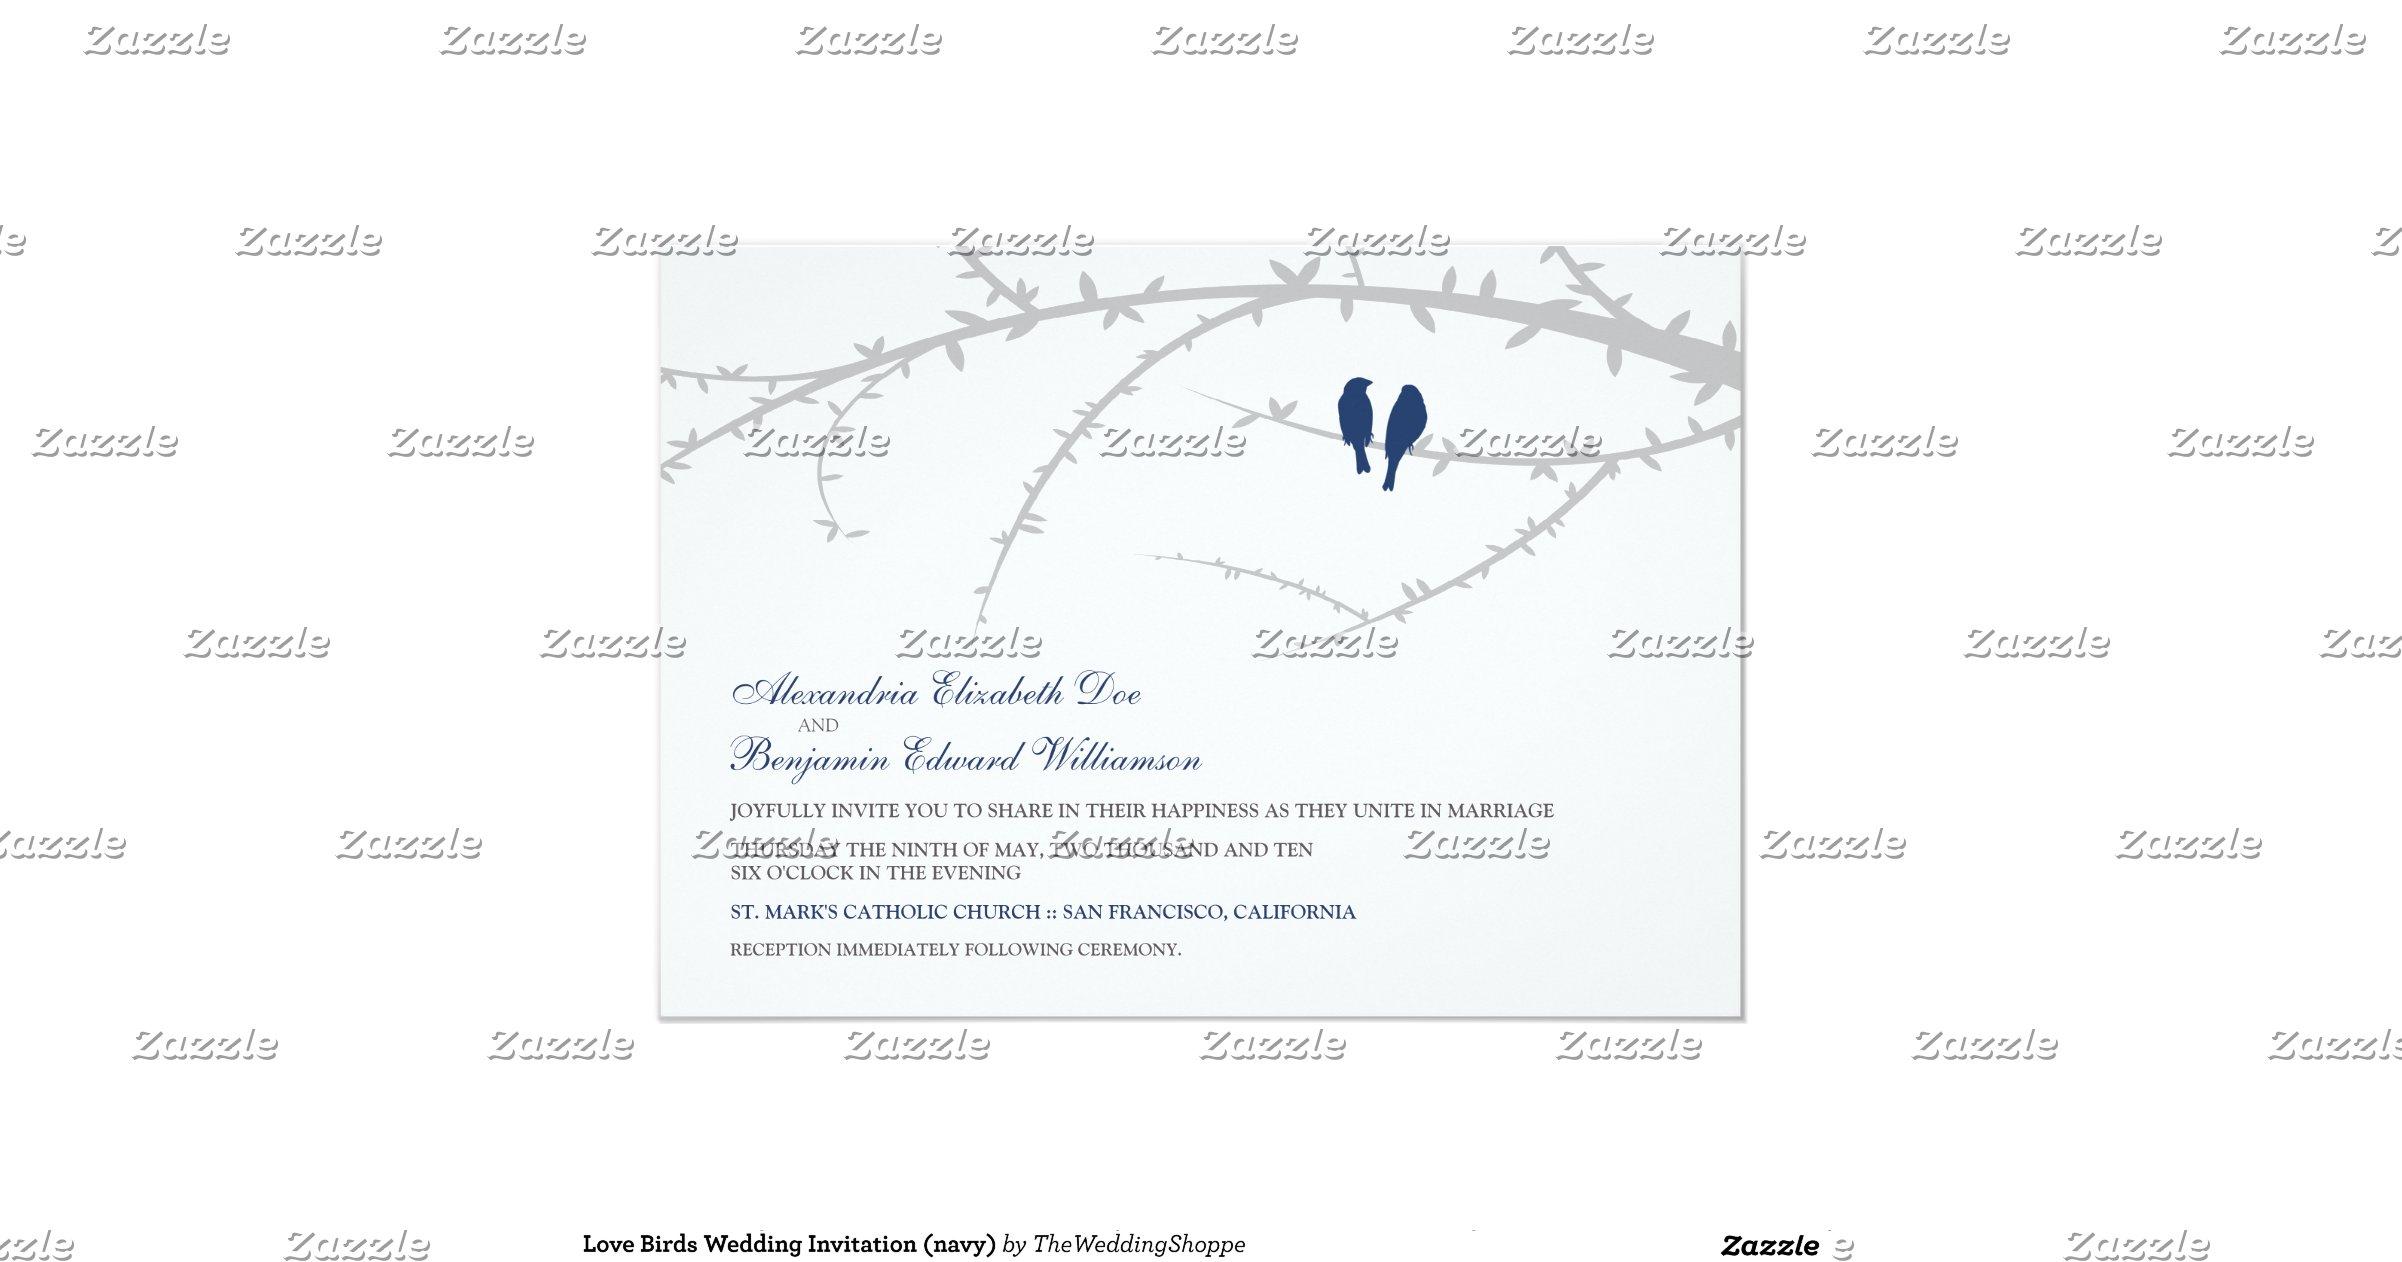 Love Birds Wedding Invitations: Love_birds_wedding_invitation_navy